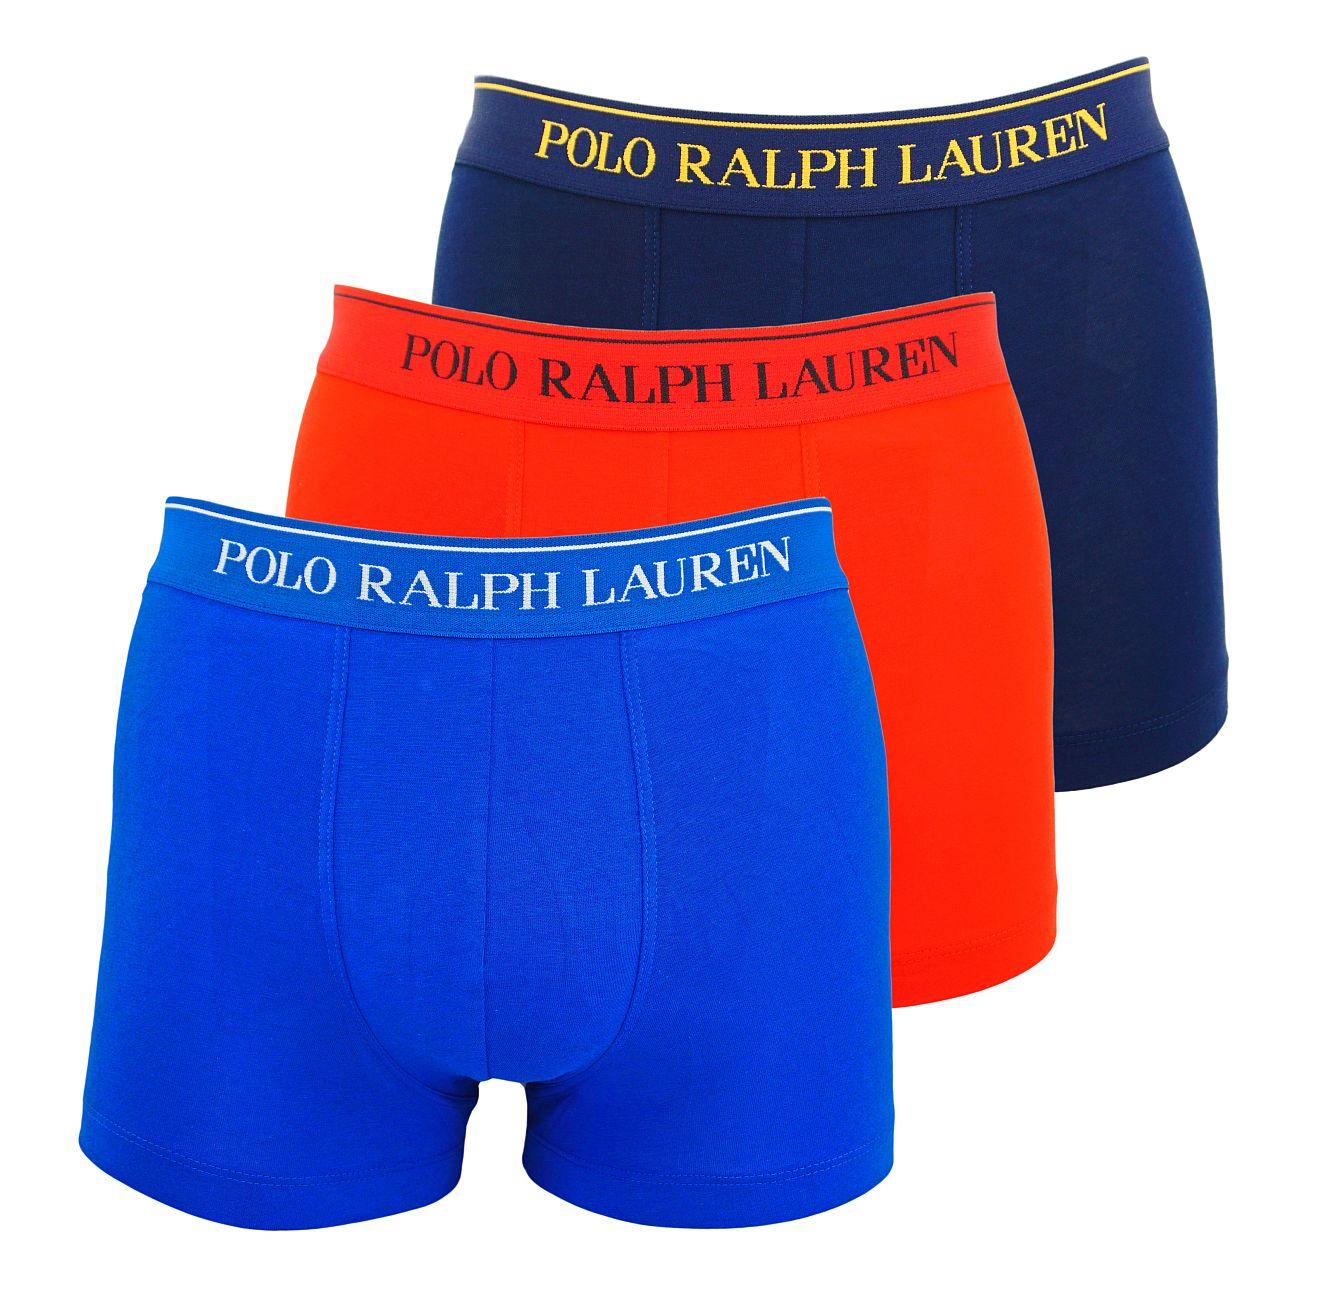 Ralph Lauren 3er Pack Classic Trunks Multicolor 714662050024 S18-RLT1